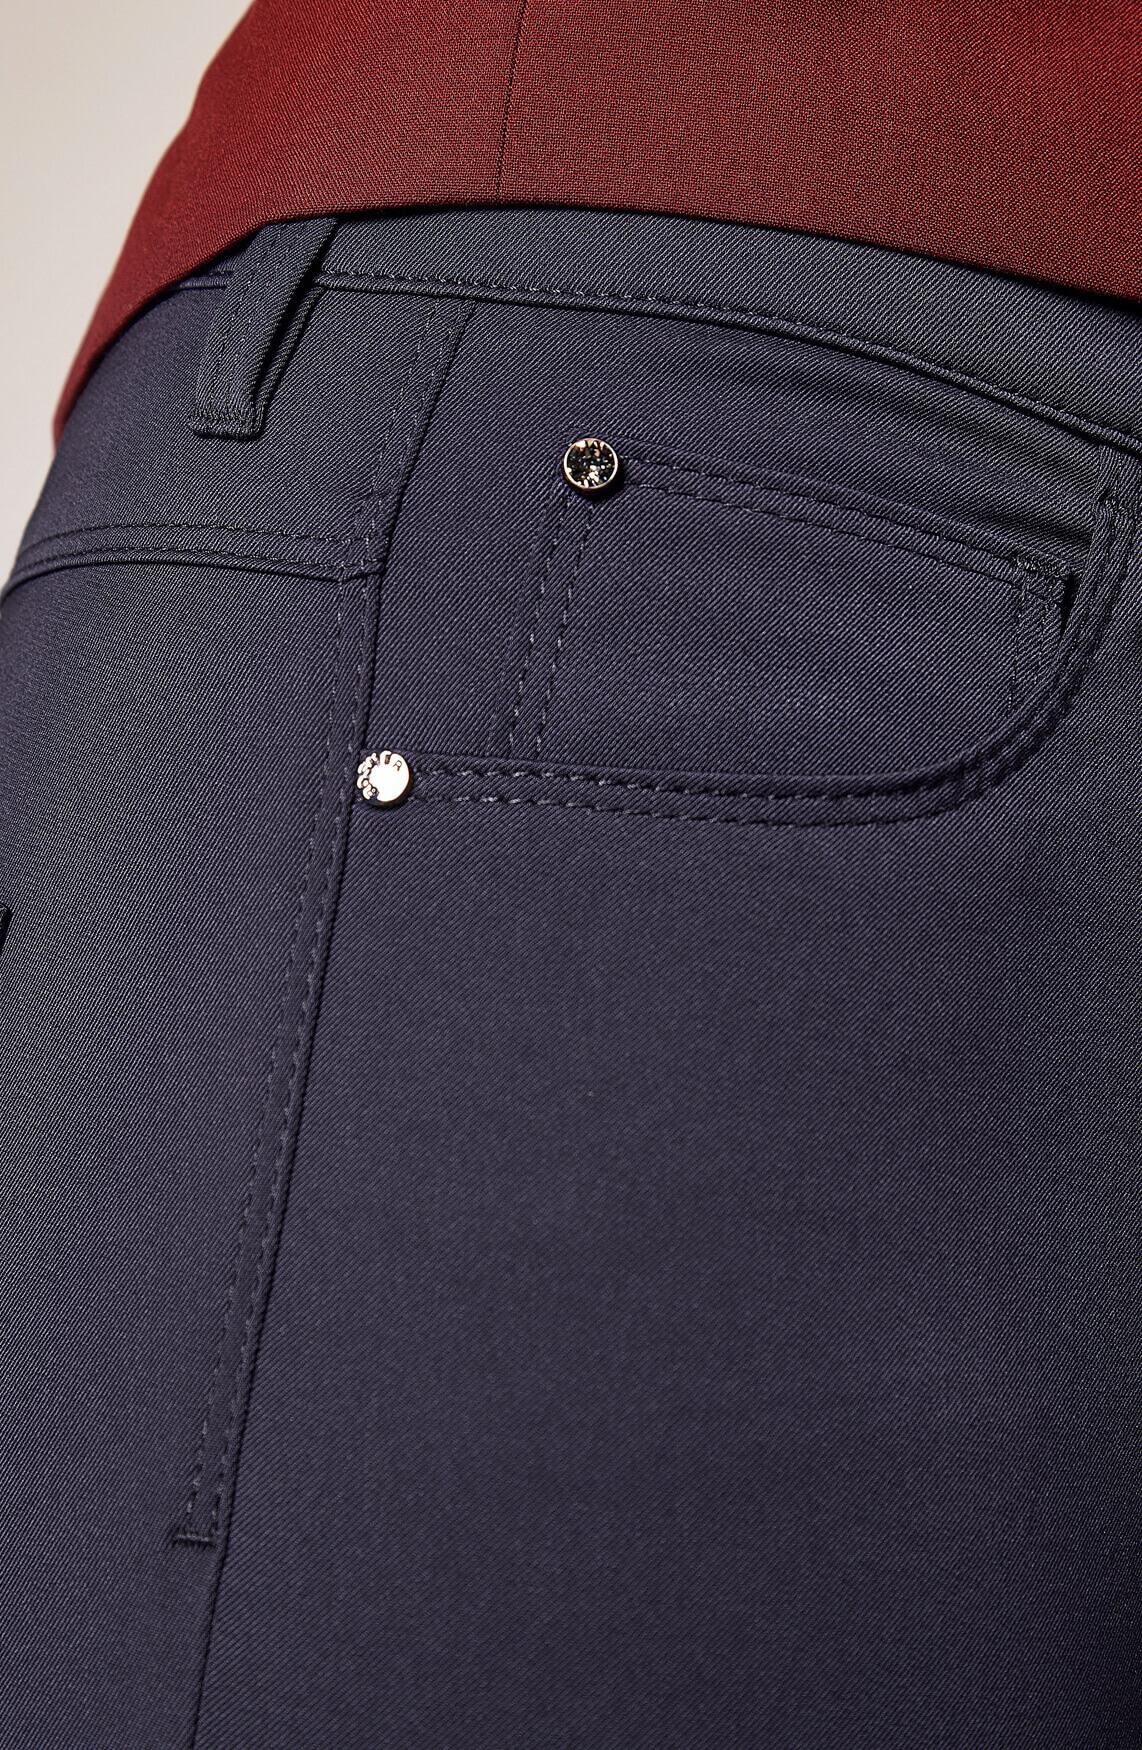 Rosner Dames L30 Audrey pantalon Blauw